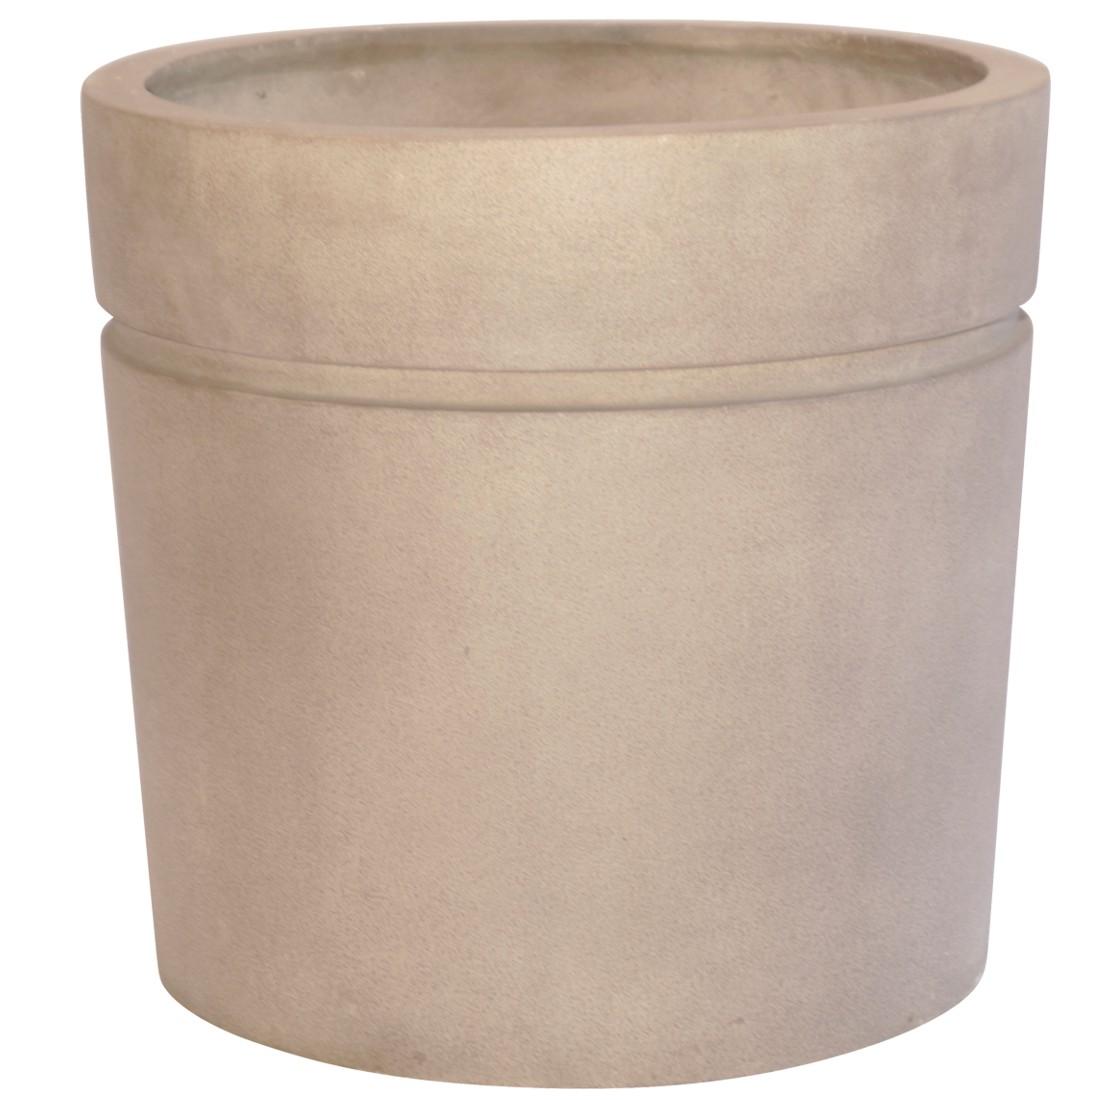 Pflanzkübel Cappuccino – Kunststoff – Desgin Eckig – Höhe: 74 cm Ø: 60 cm (einzeln), Viducci's Garden jetzt bestellen